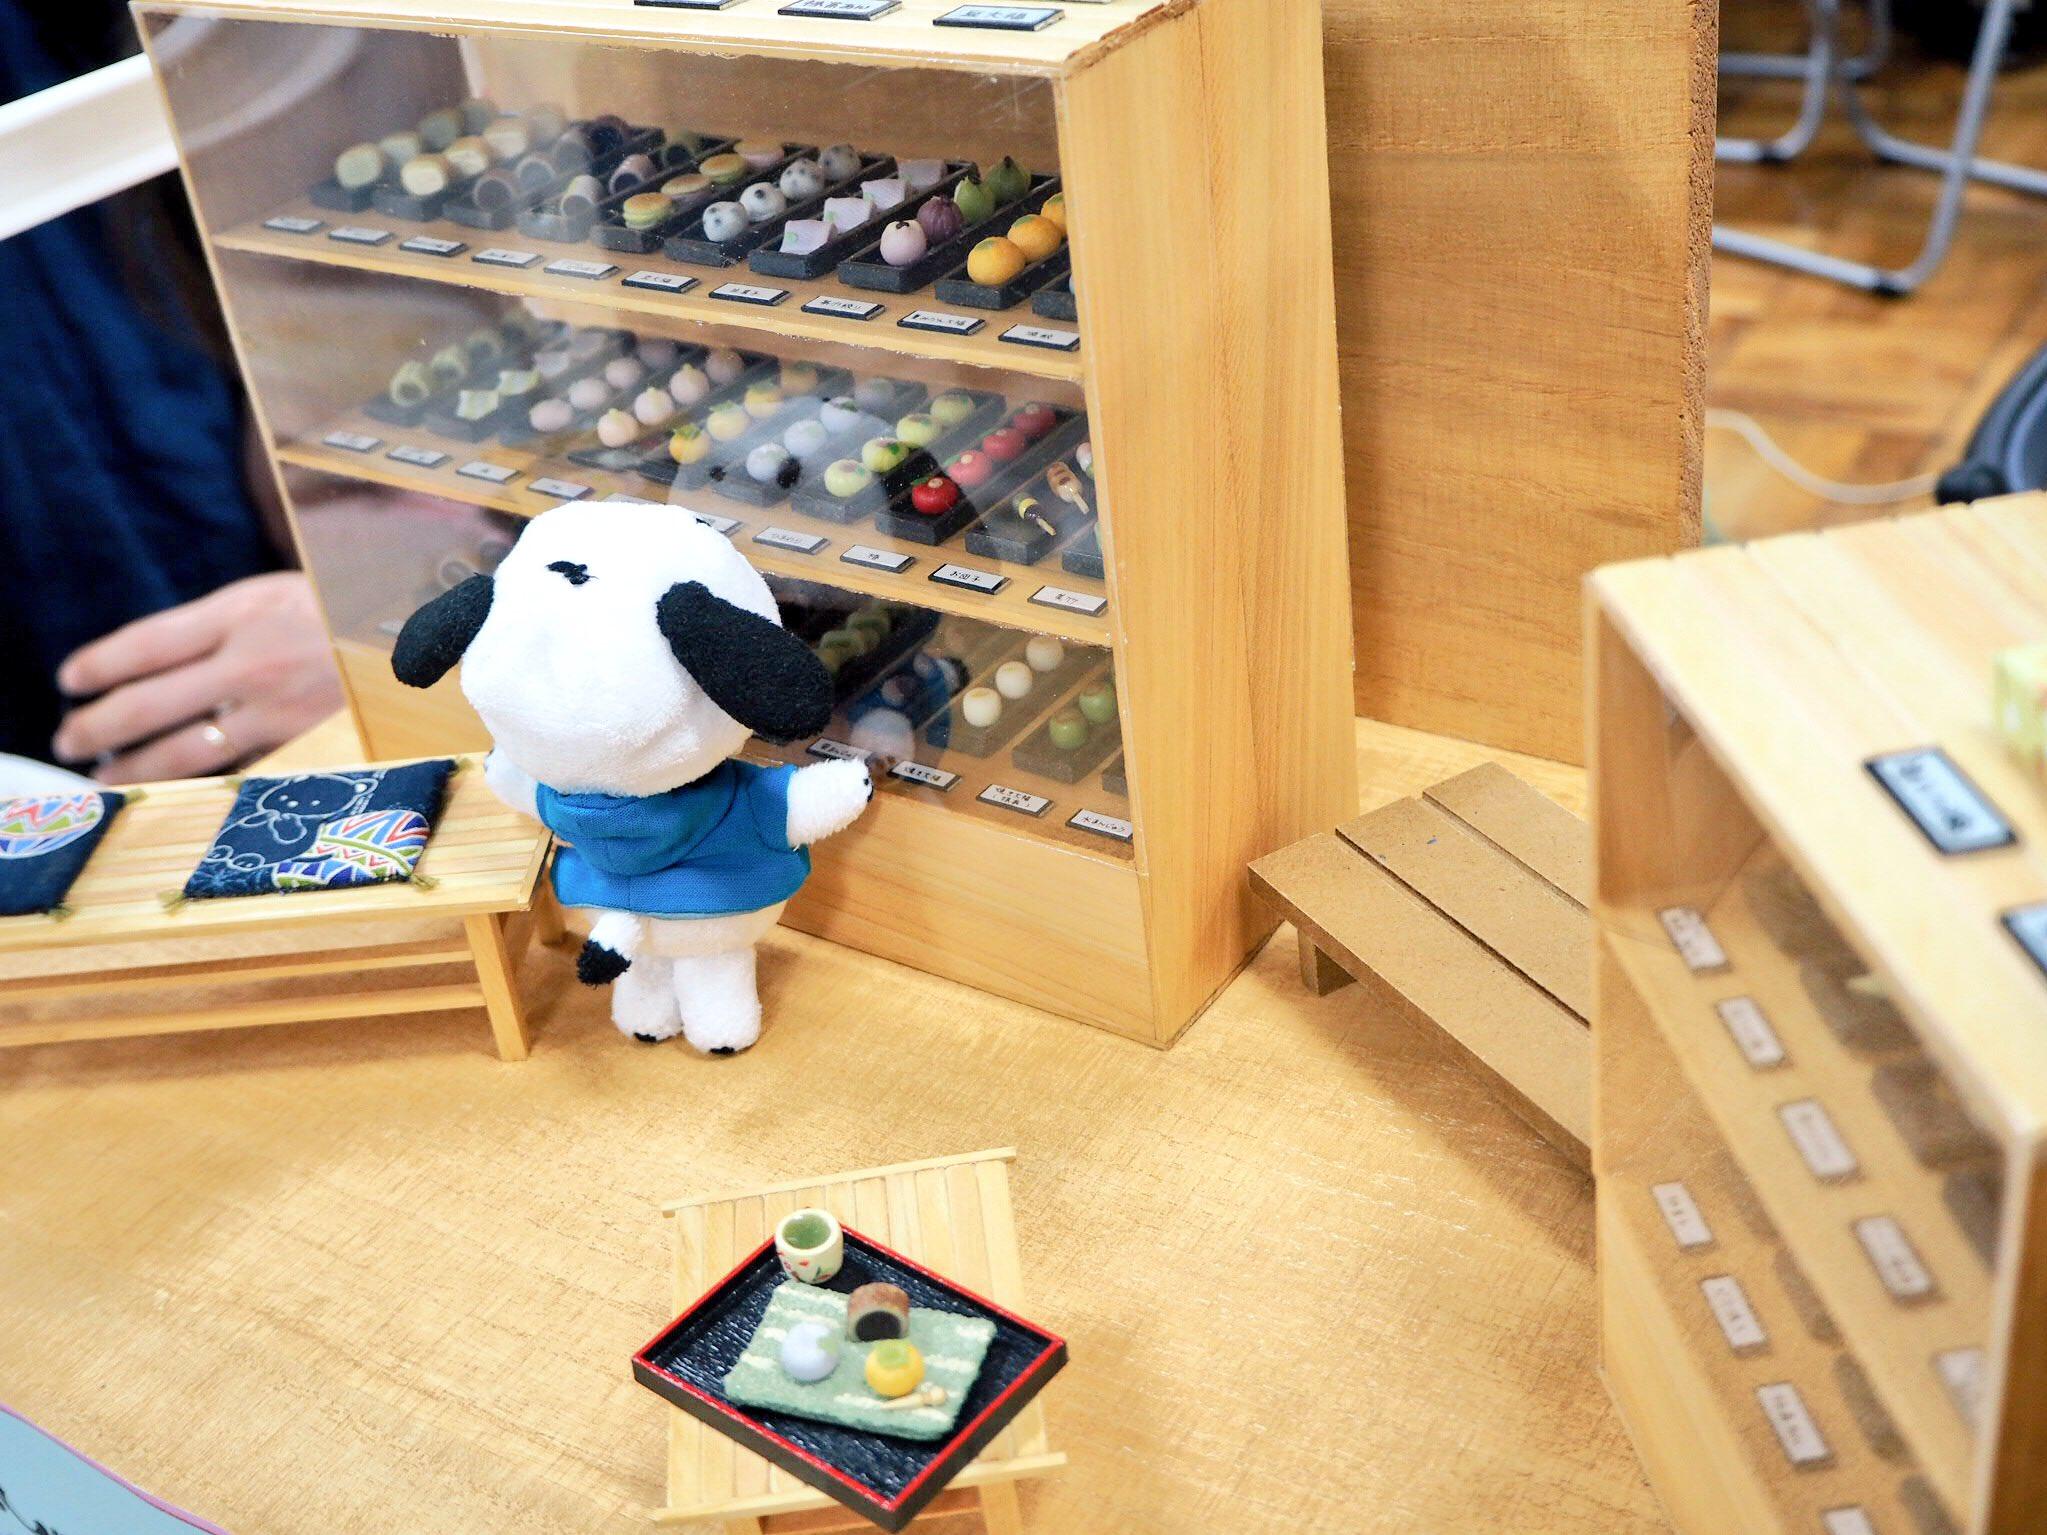 Yomogi's Happiness,ミニチュアフード,ドールハウス,樹脂粘土,和菓子